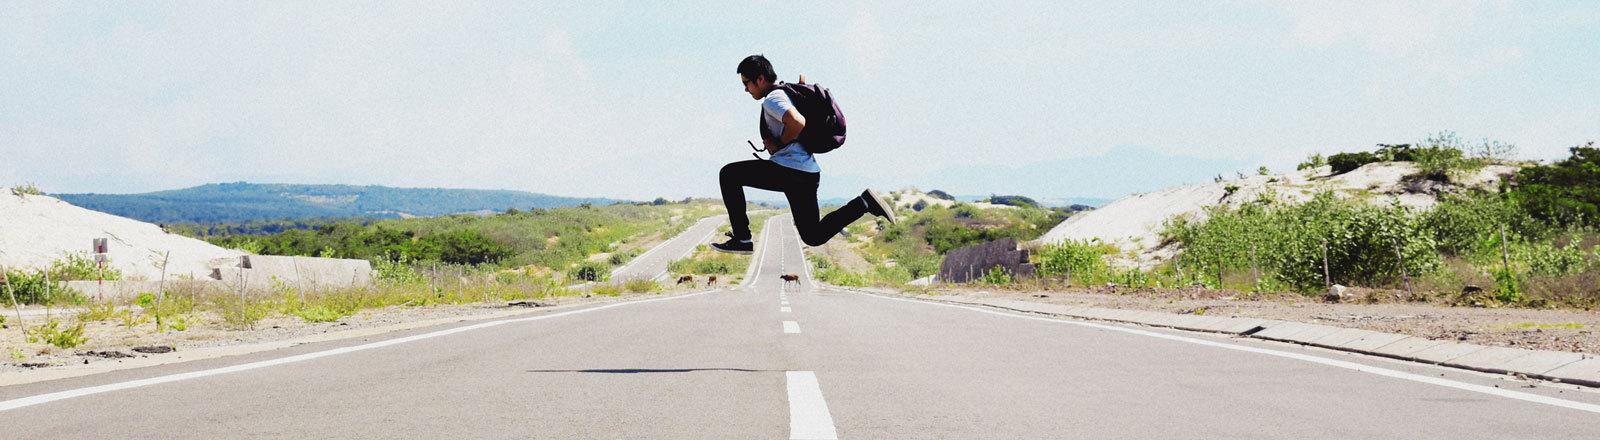 Mann springt über Mittelstreifen.